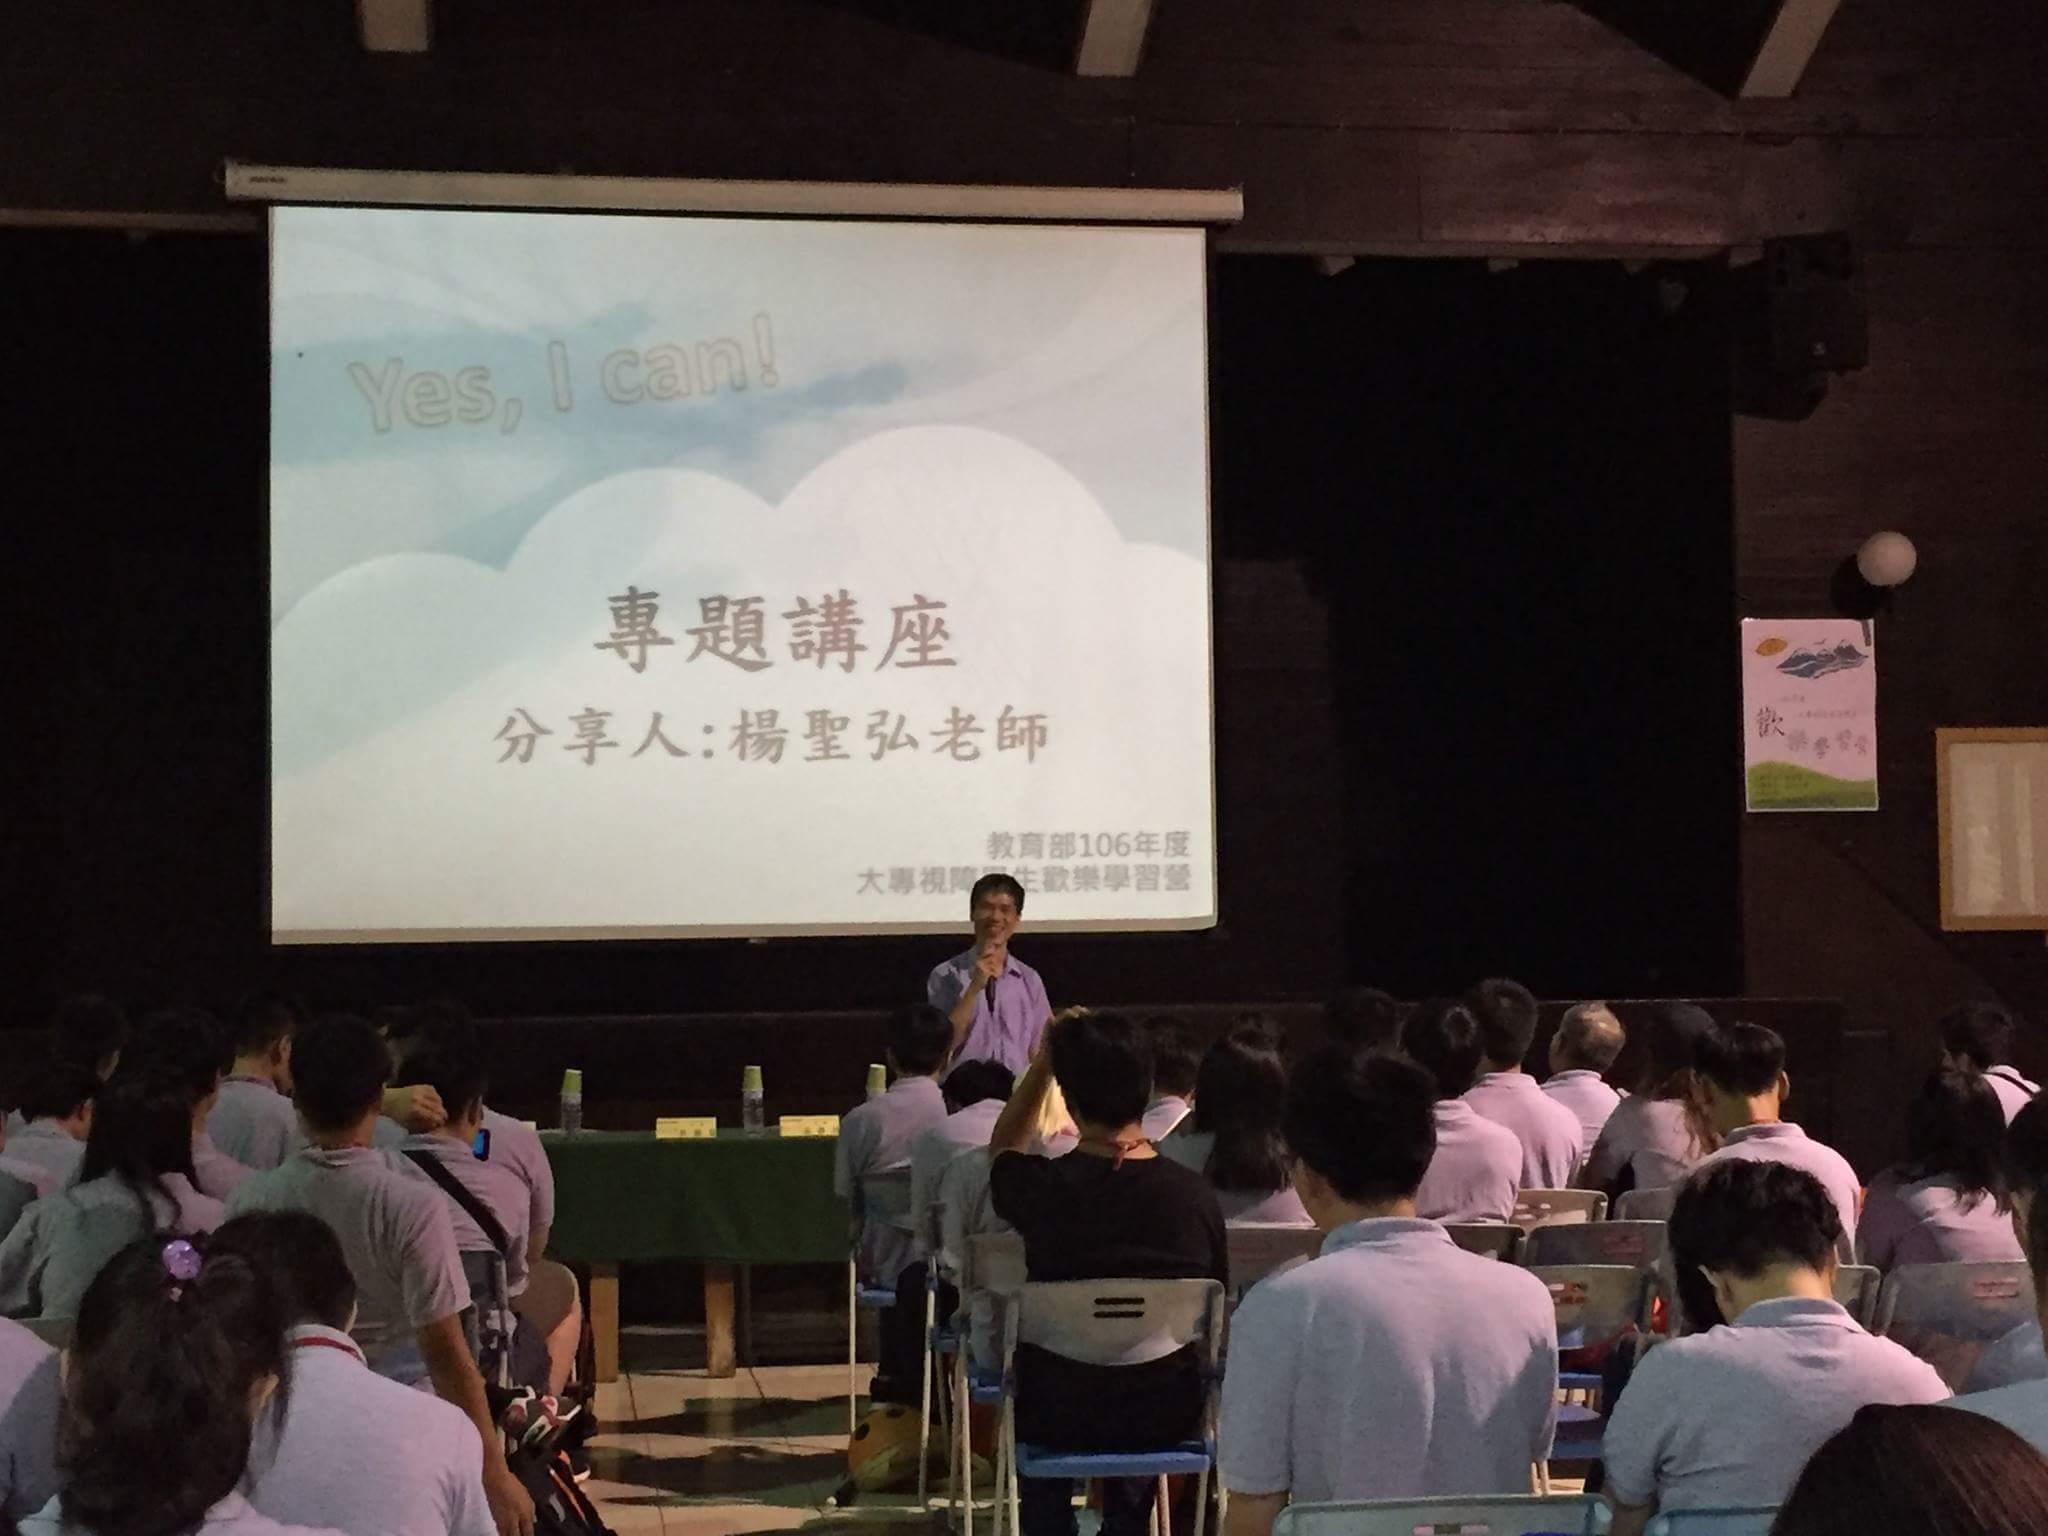 前「無障礙科技發展協會」的秘書長楊聖弘在演講中跟大家分享「生涯轉換」。